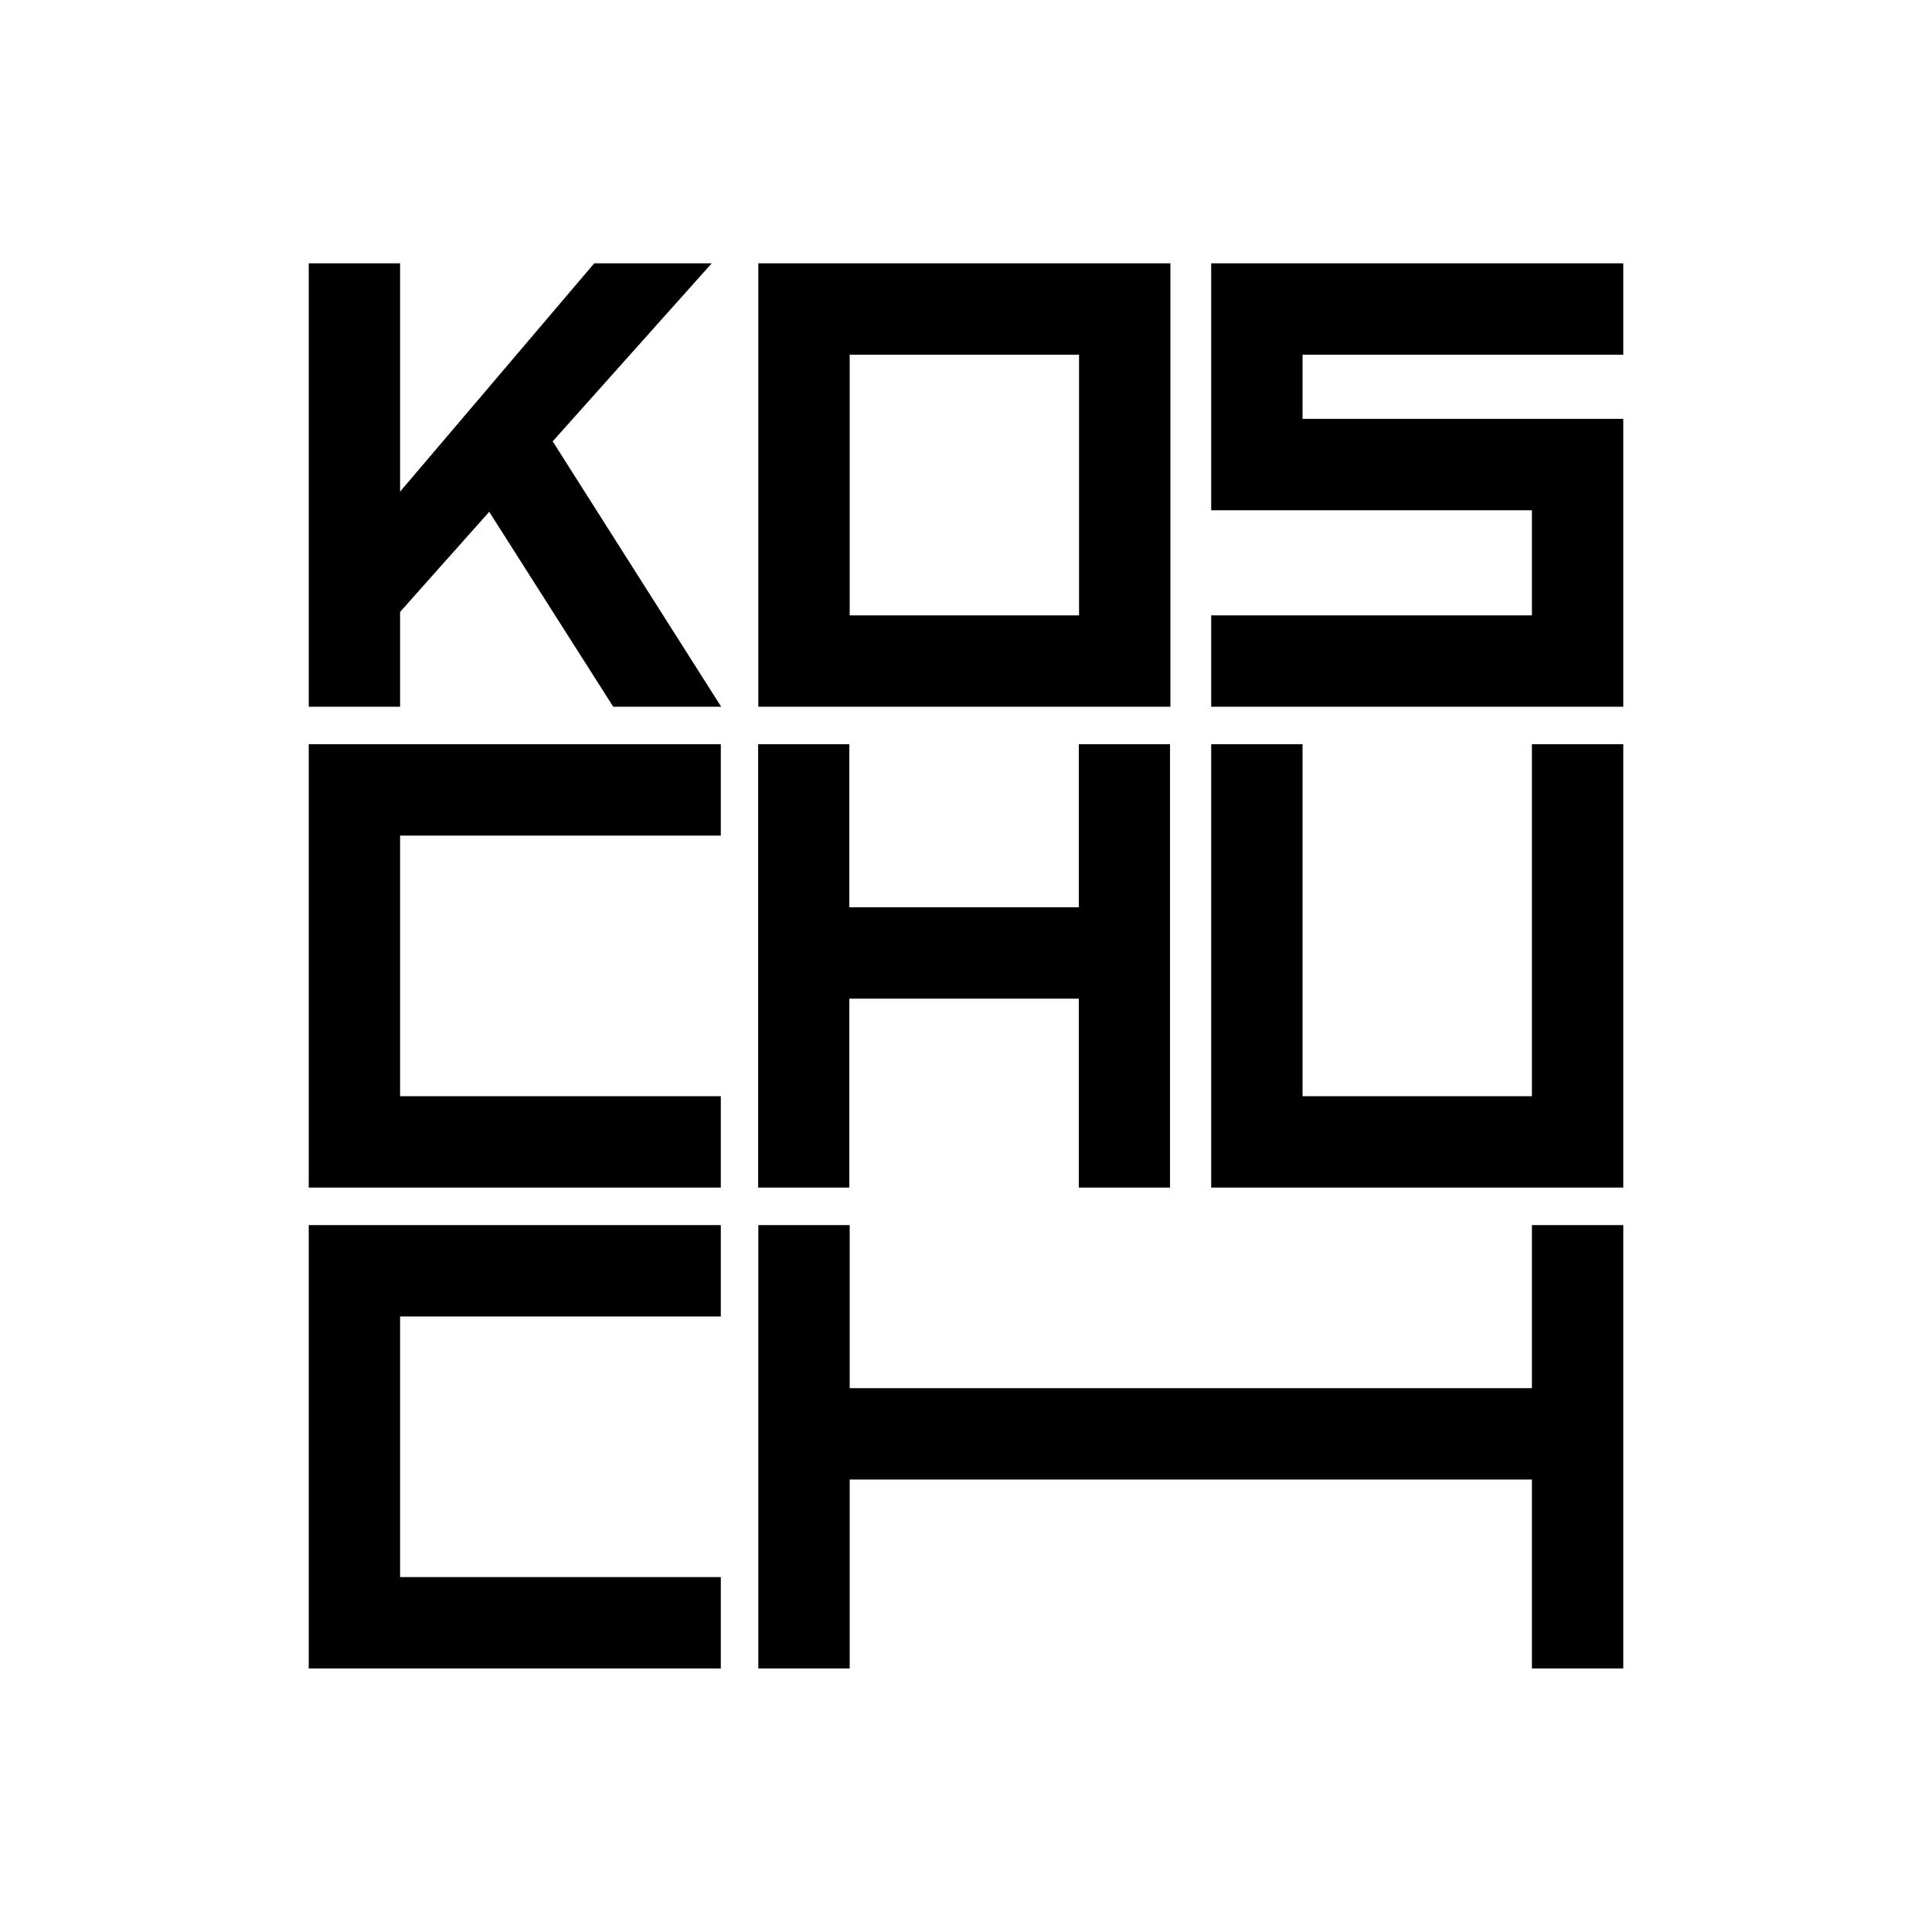 KoschuchStamp-5-H1@4x.png